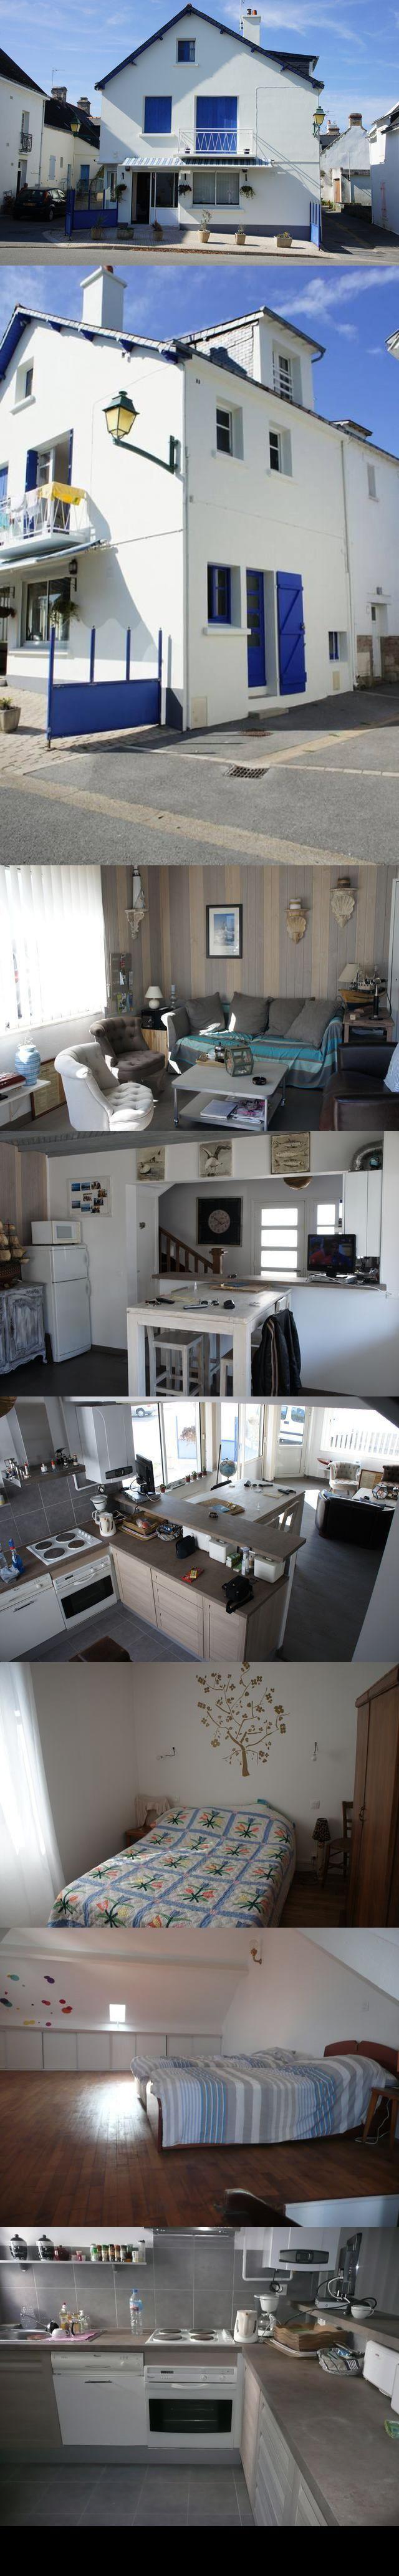 Maison 5 pieces 95 m2 quiberon baie a deux pas des plages maison offrant au rdc